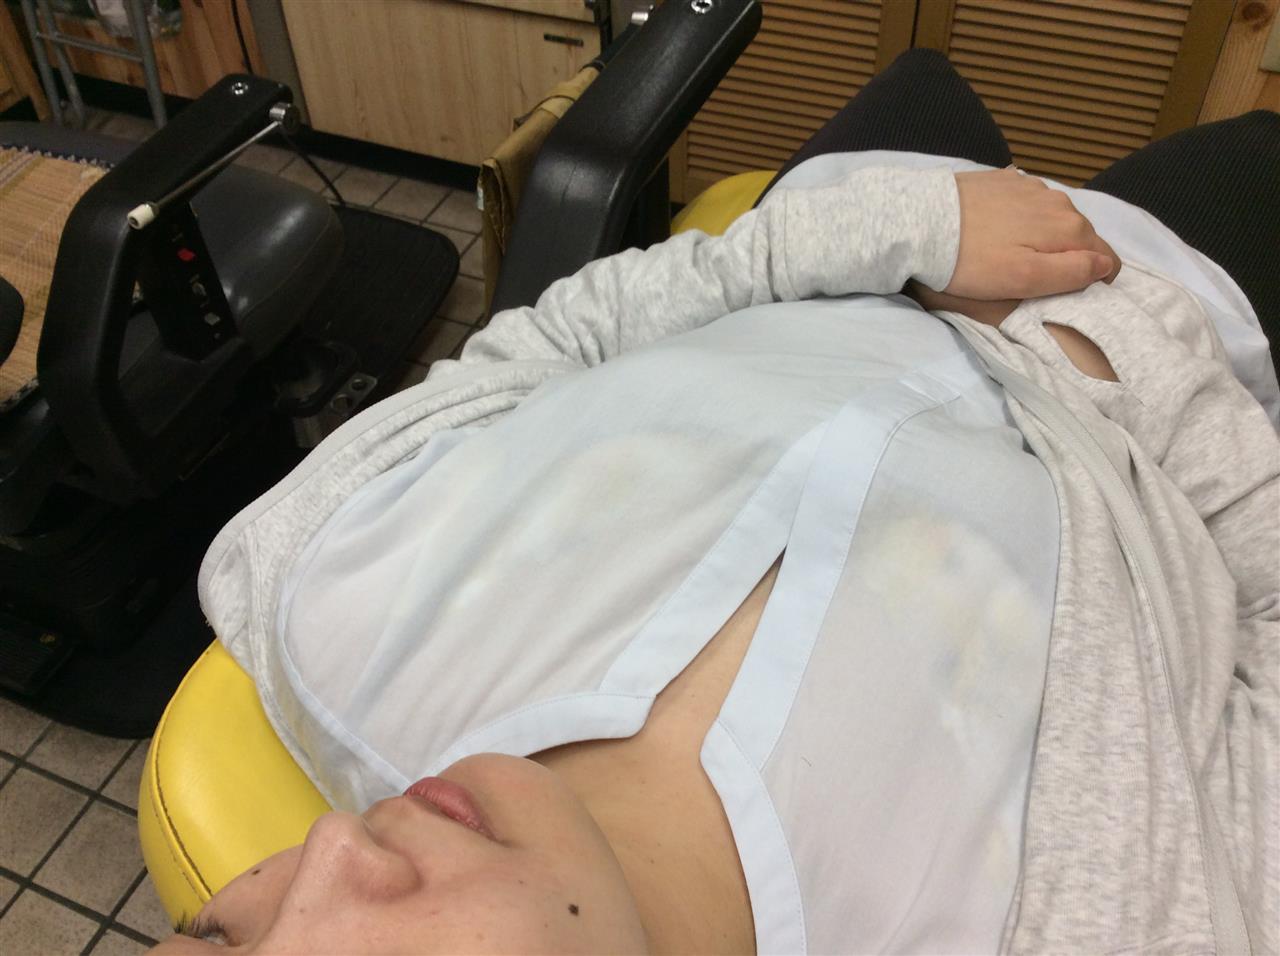 フィット 痛 リング 筋肉